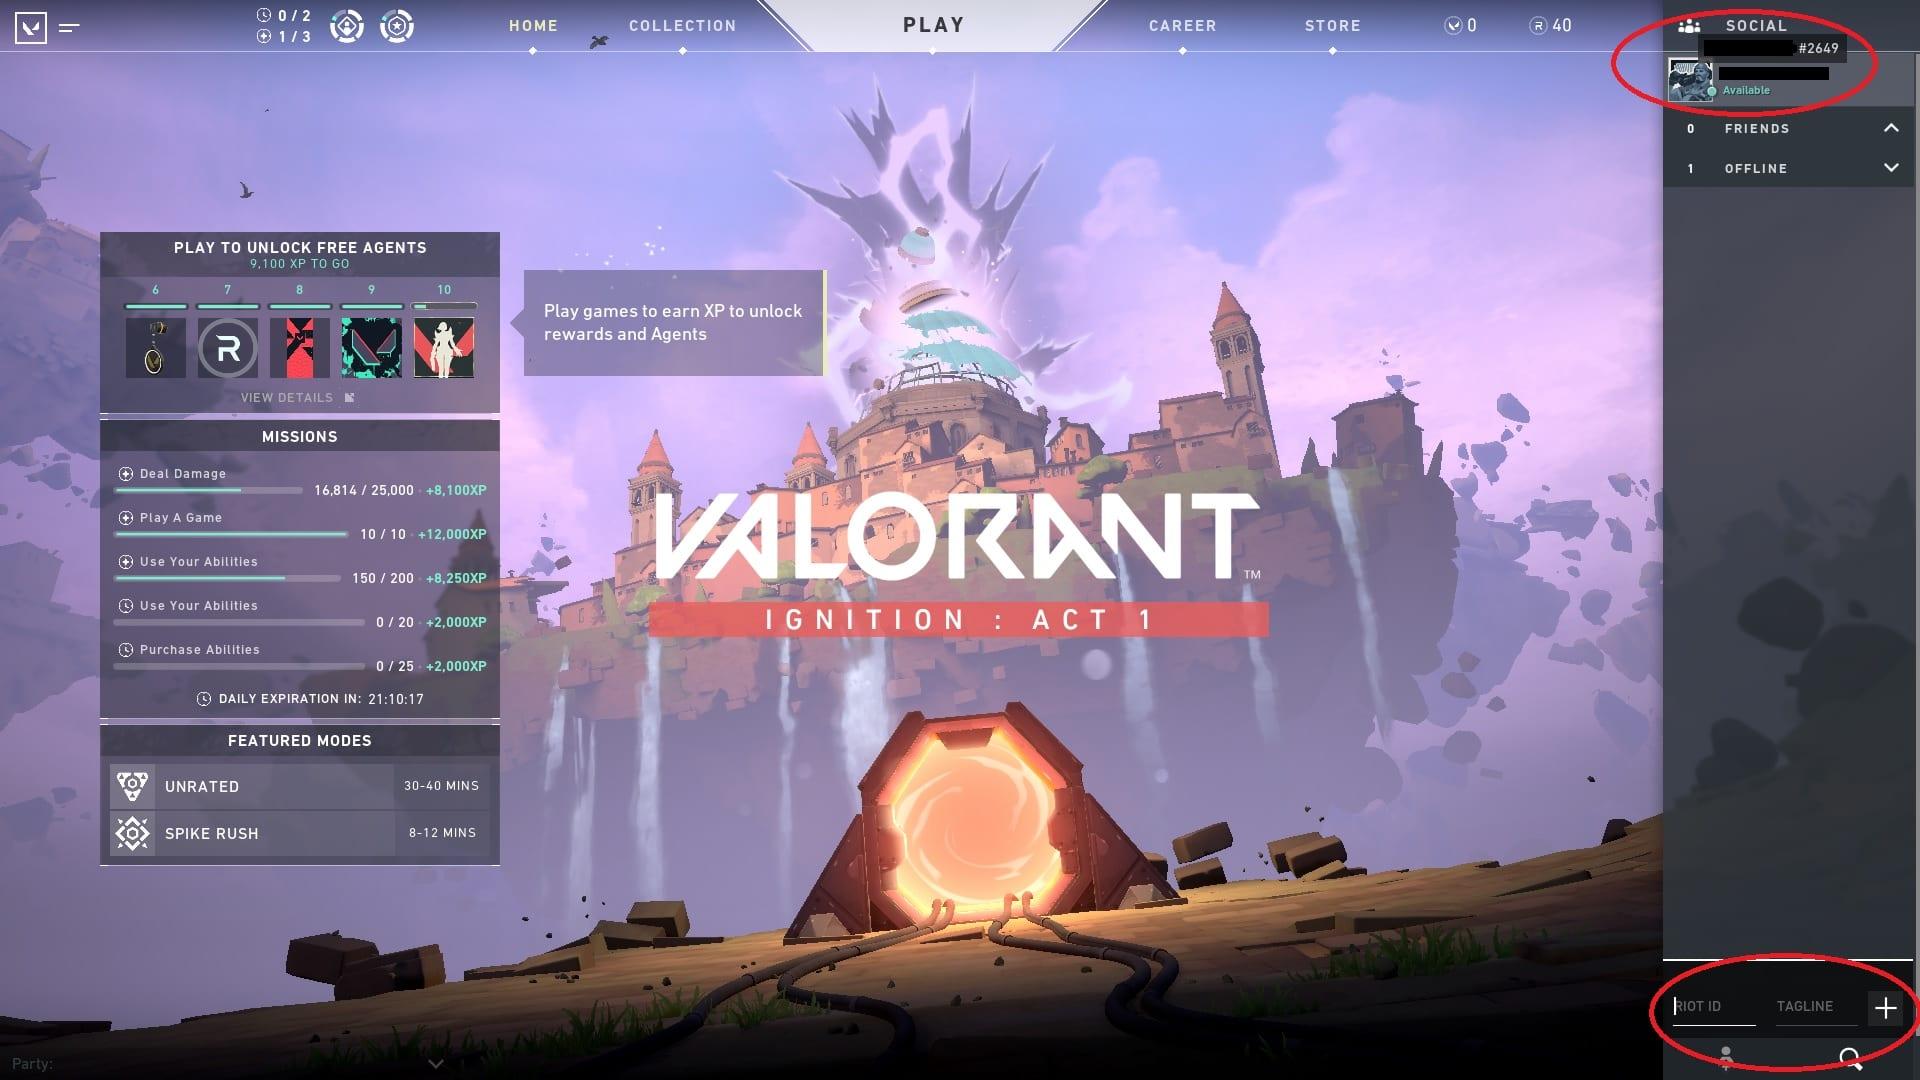 Cómo agregar amigos a Valorant